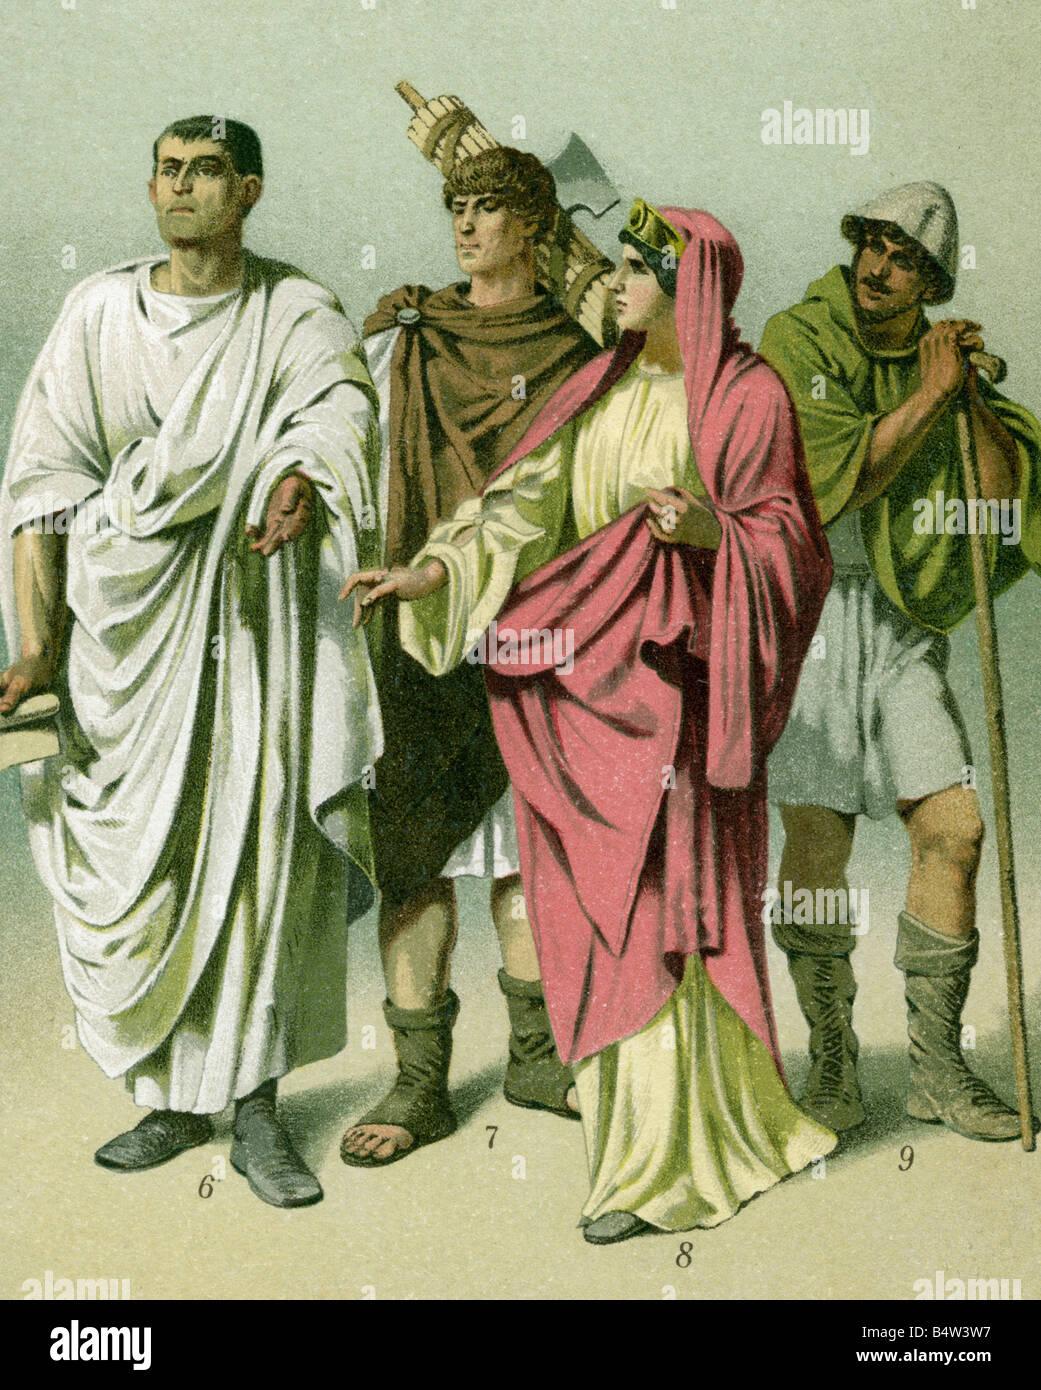 fashion ancient world roman empire citizen with toga lictor